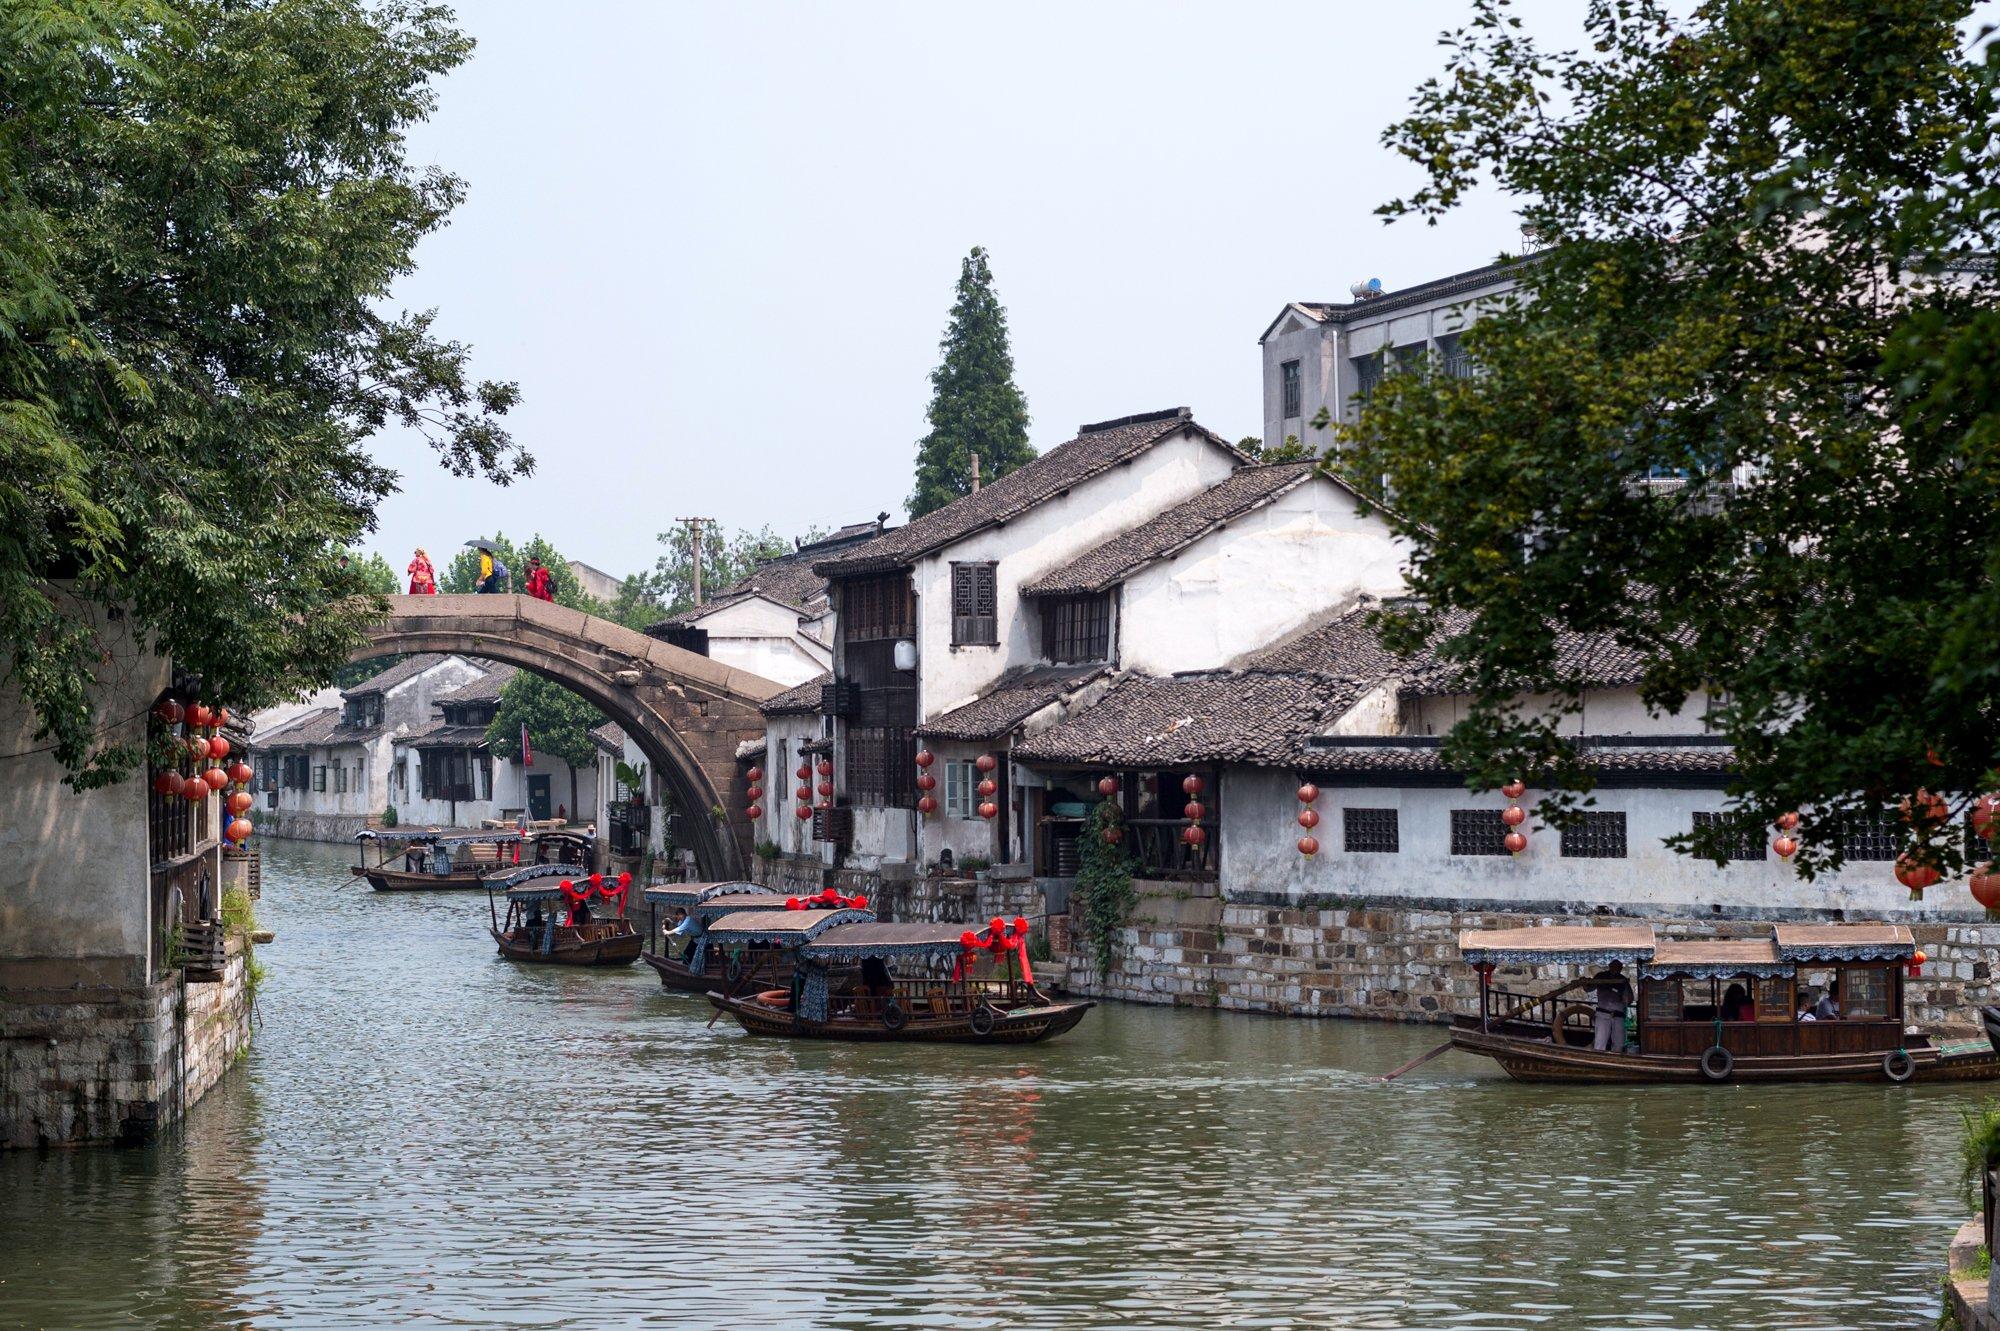 我國唯一中西合璧江南古鎮,豪門宅第眾多,被譽為中國江南的封面_房屋